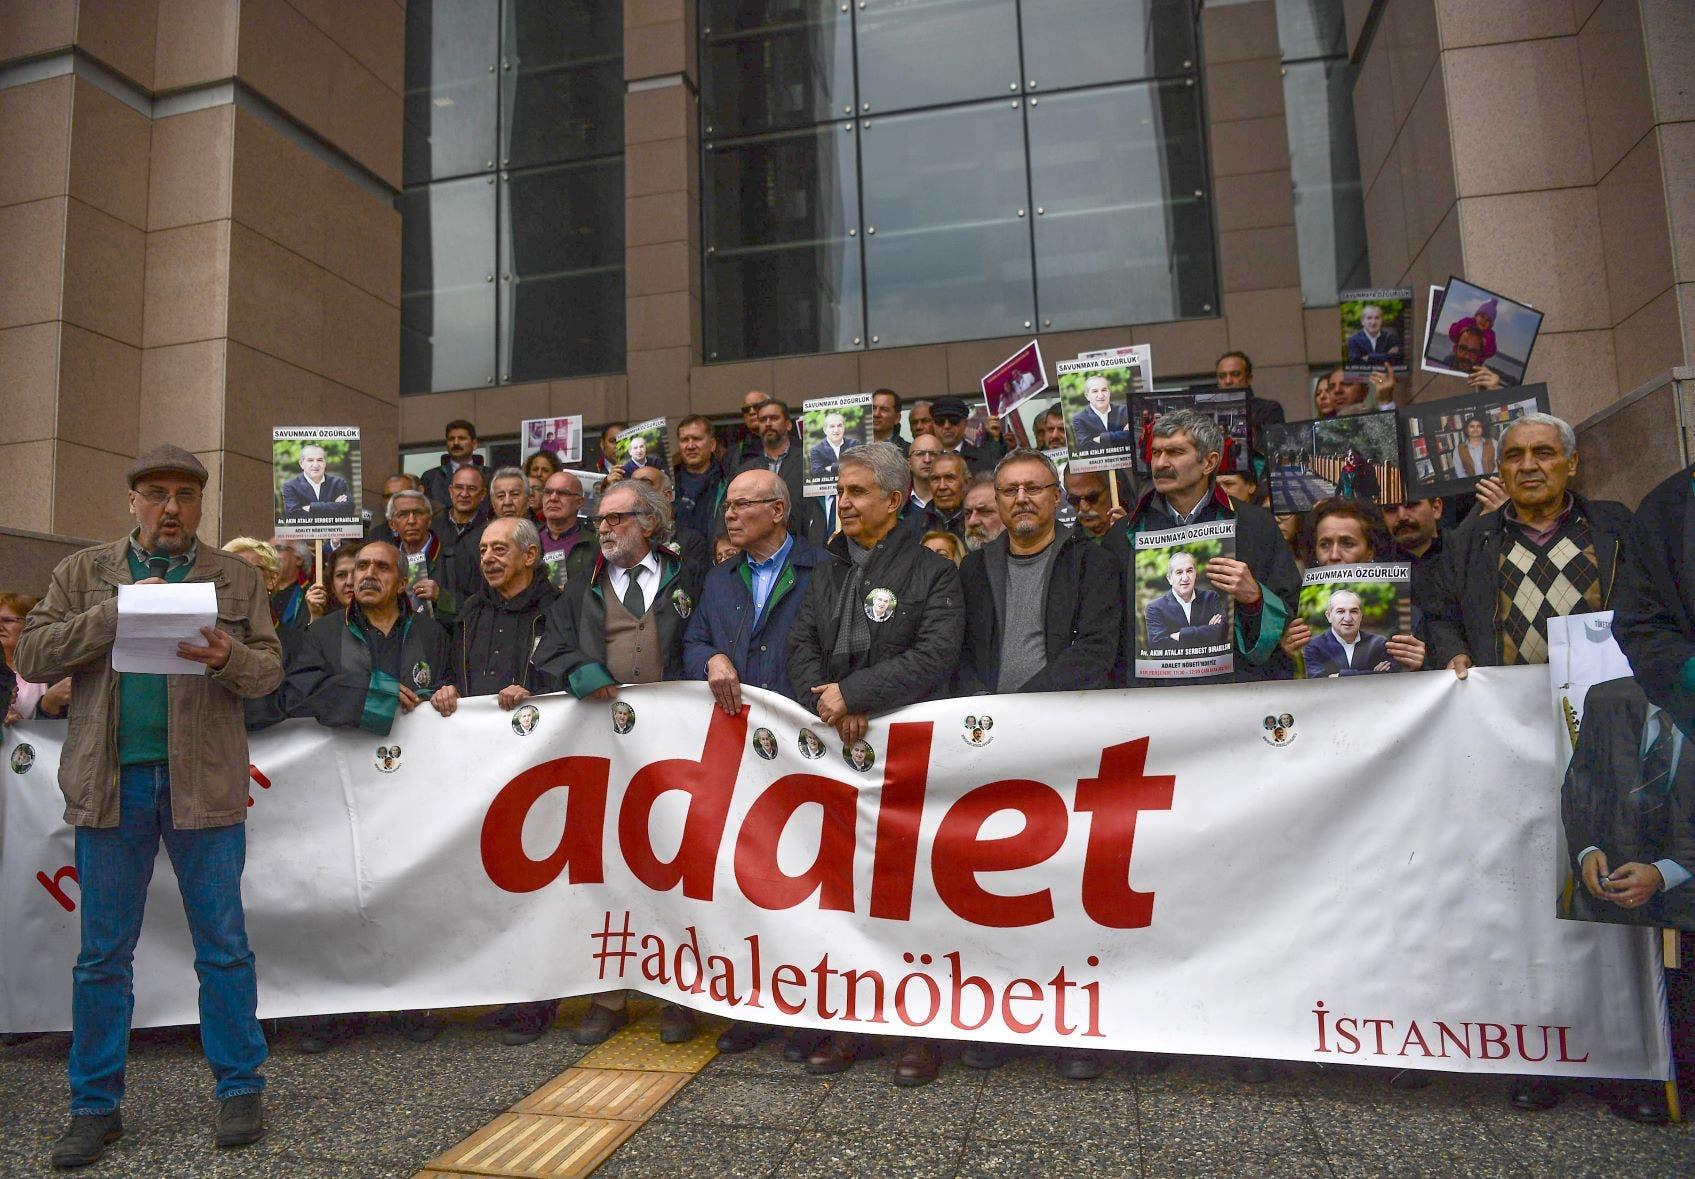 يطالبون بالإفراج عن الصحافيين المعتقلين في تركيا (أرشيفية)